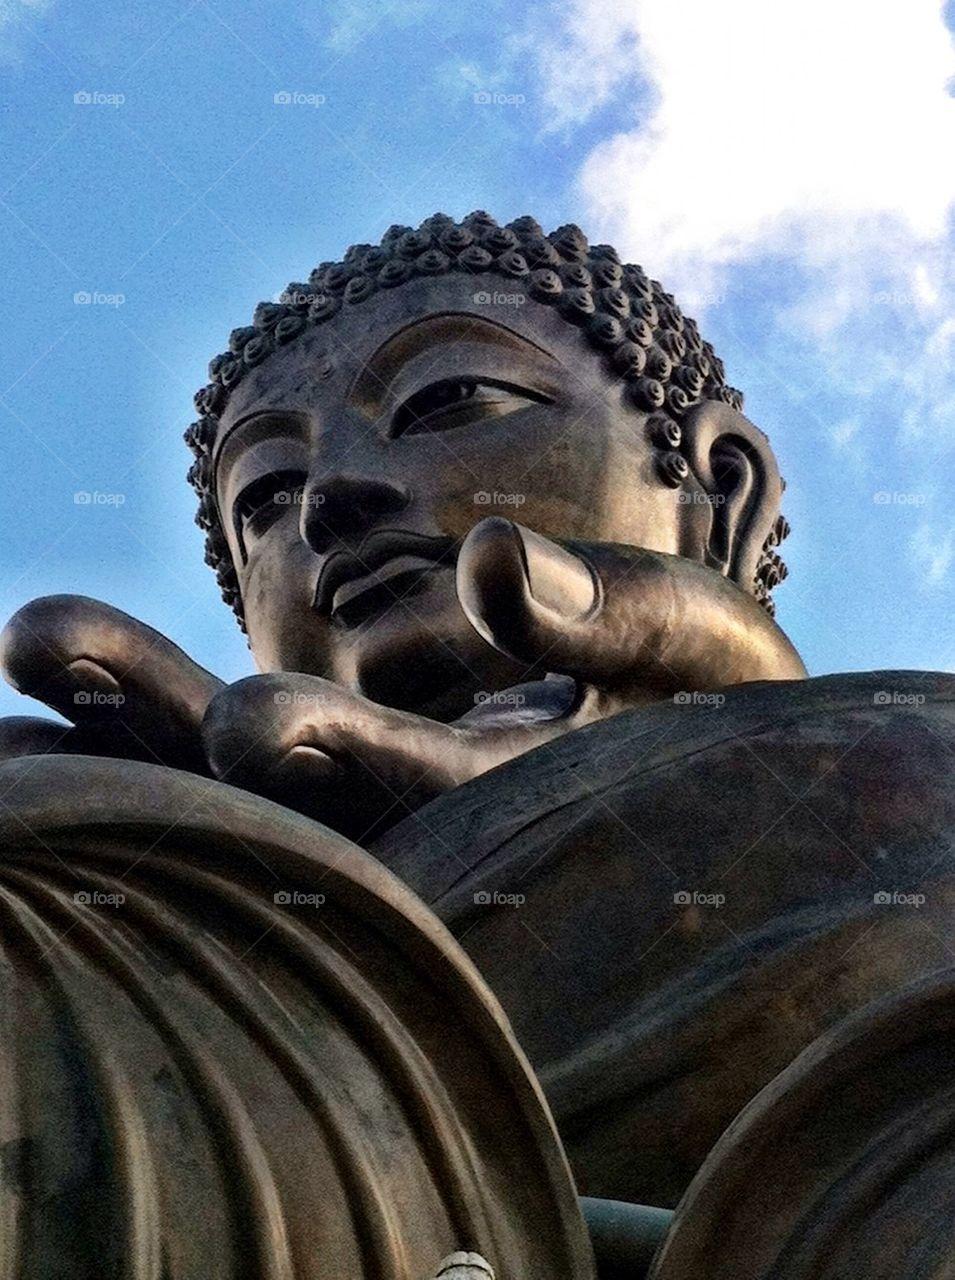 Tian Tan Buddha-Hong Kong